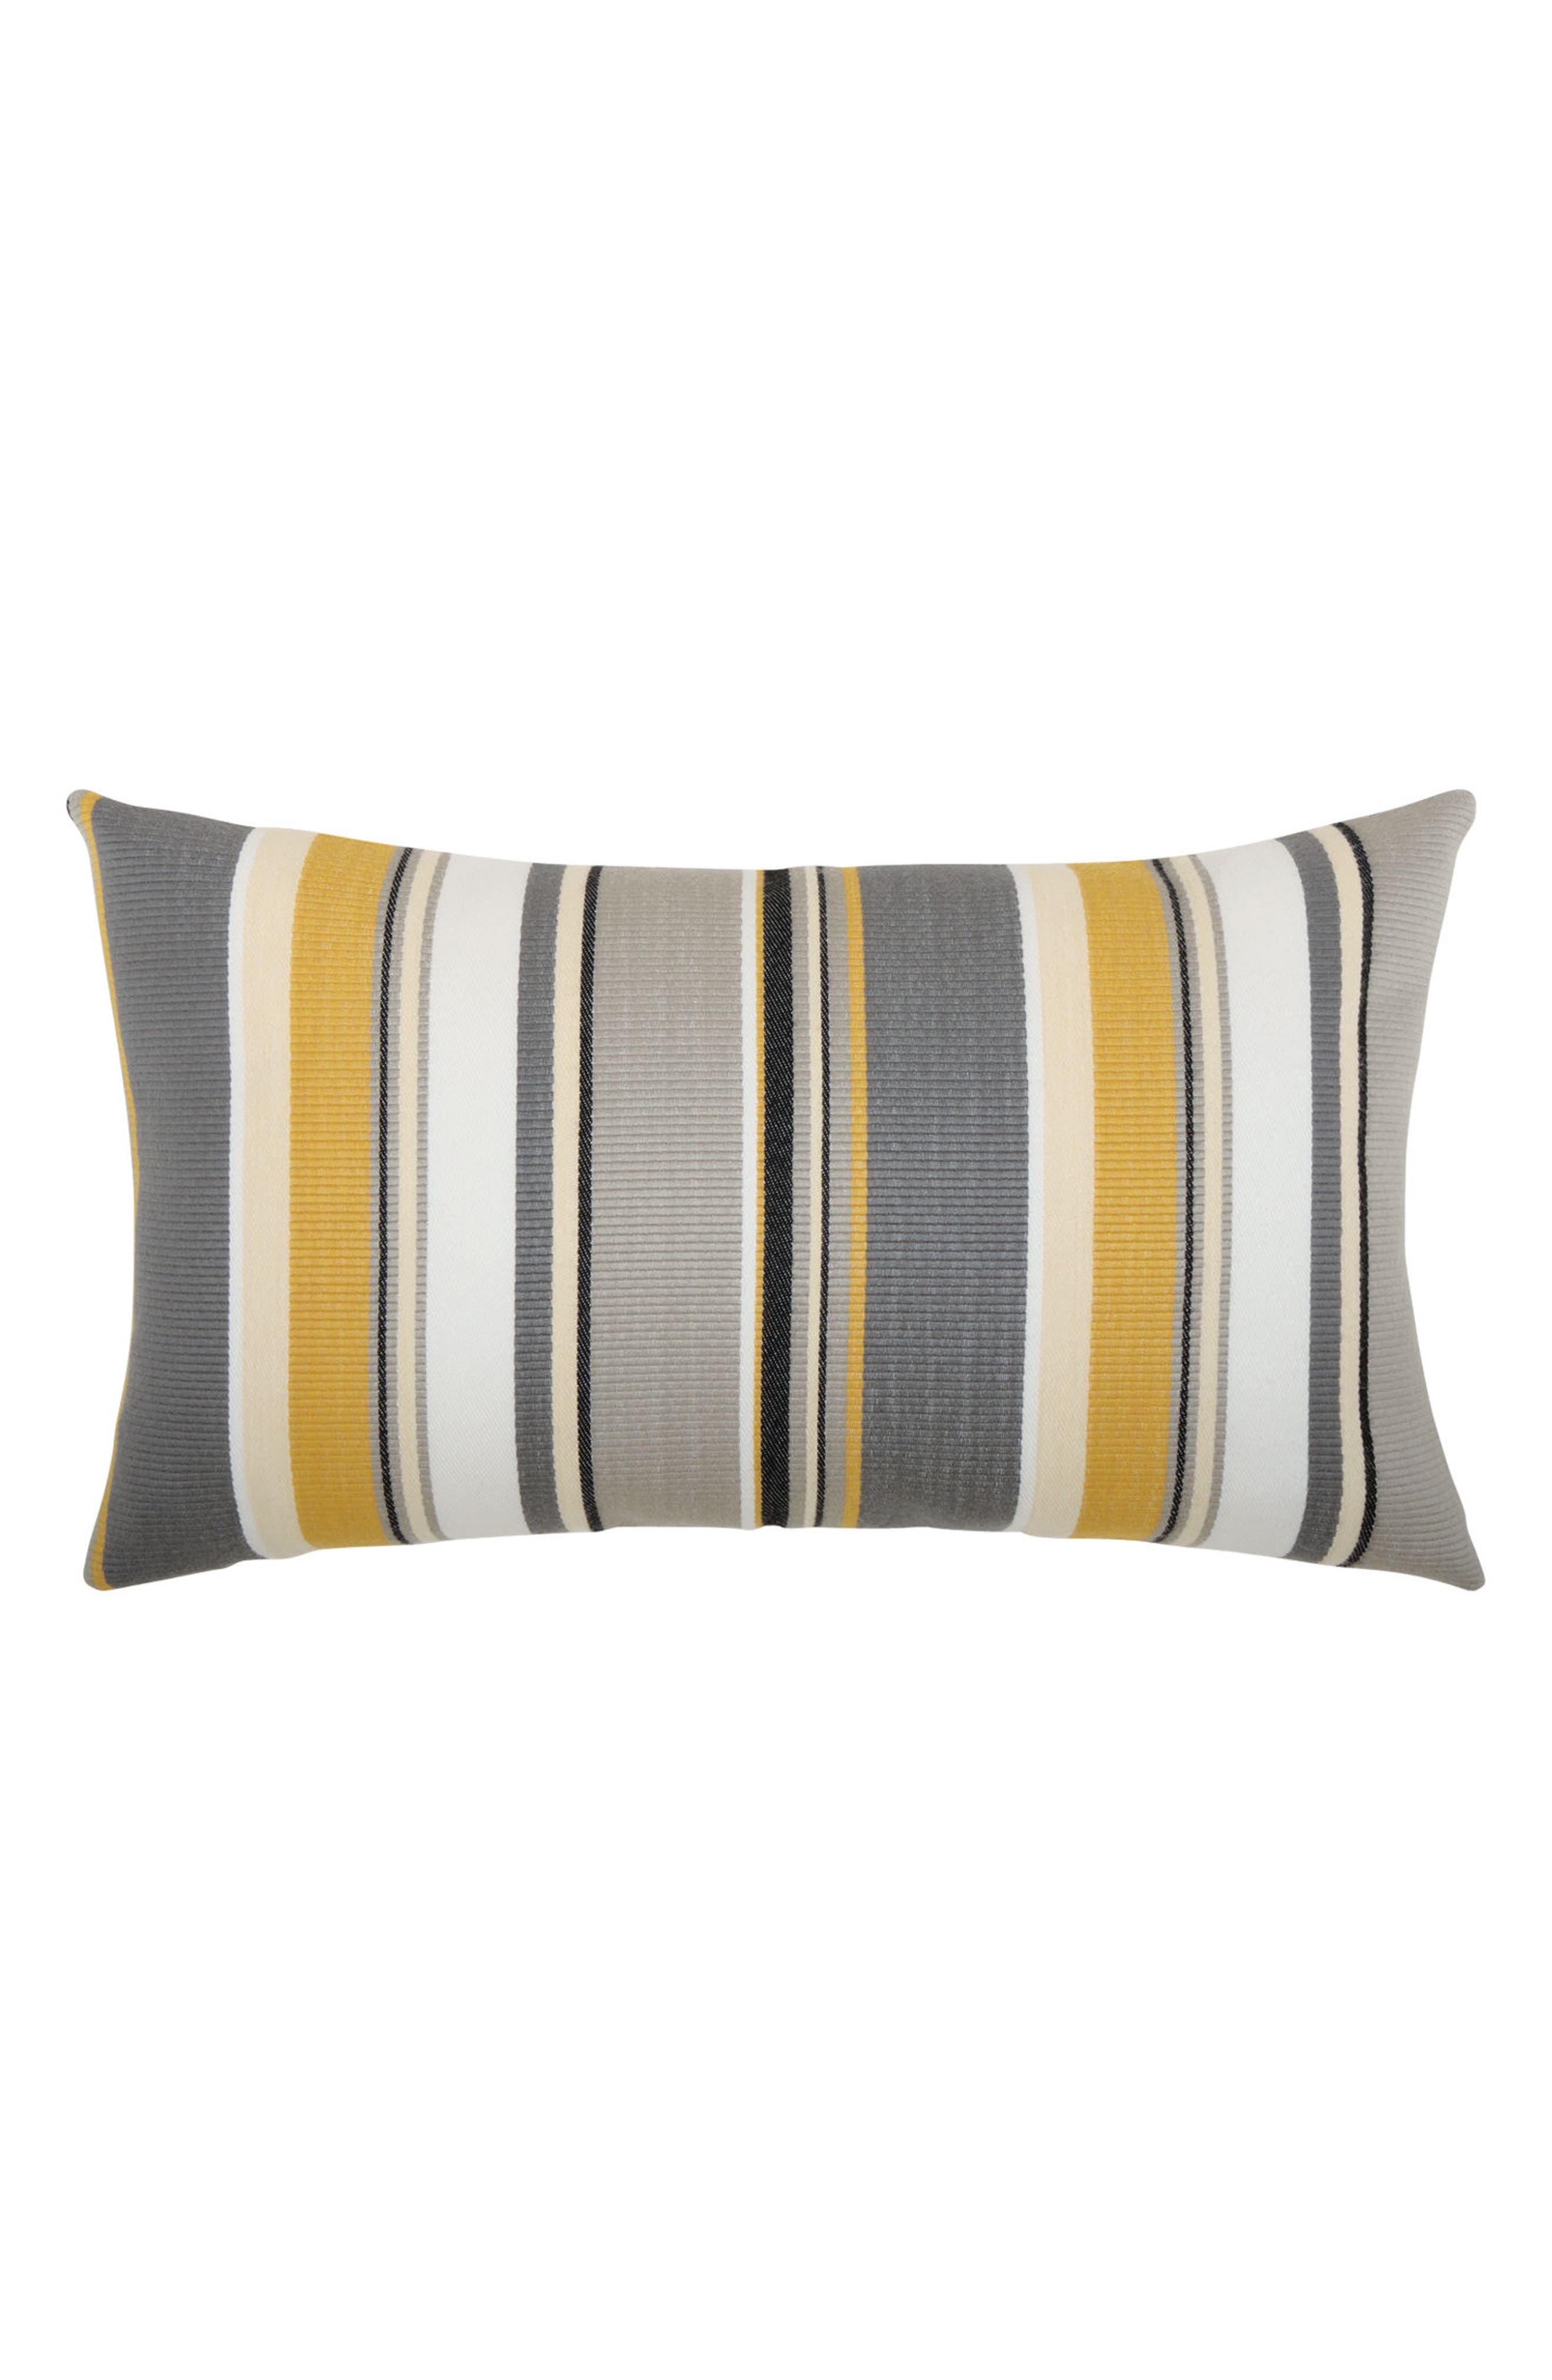 Shadow Stripe Lumbar Pillow,                         Main,                         color, Grey/ Gold